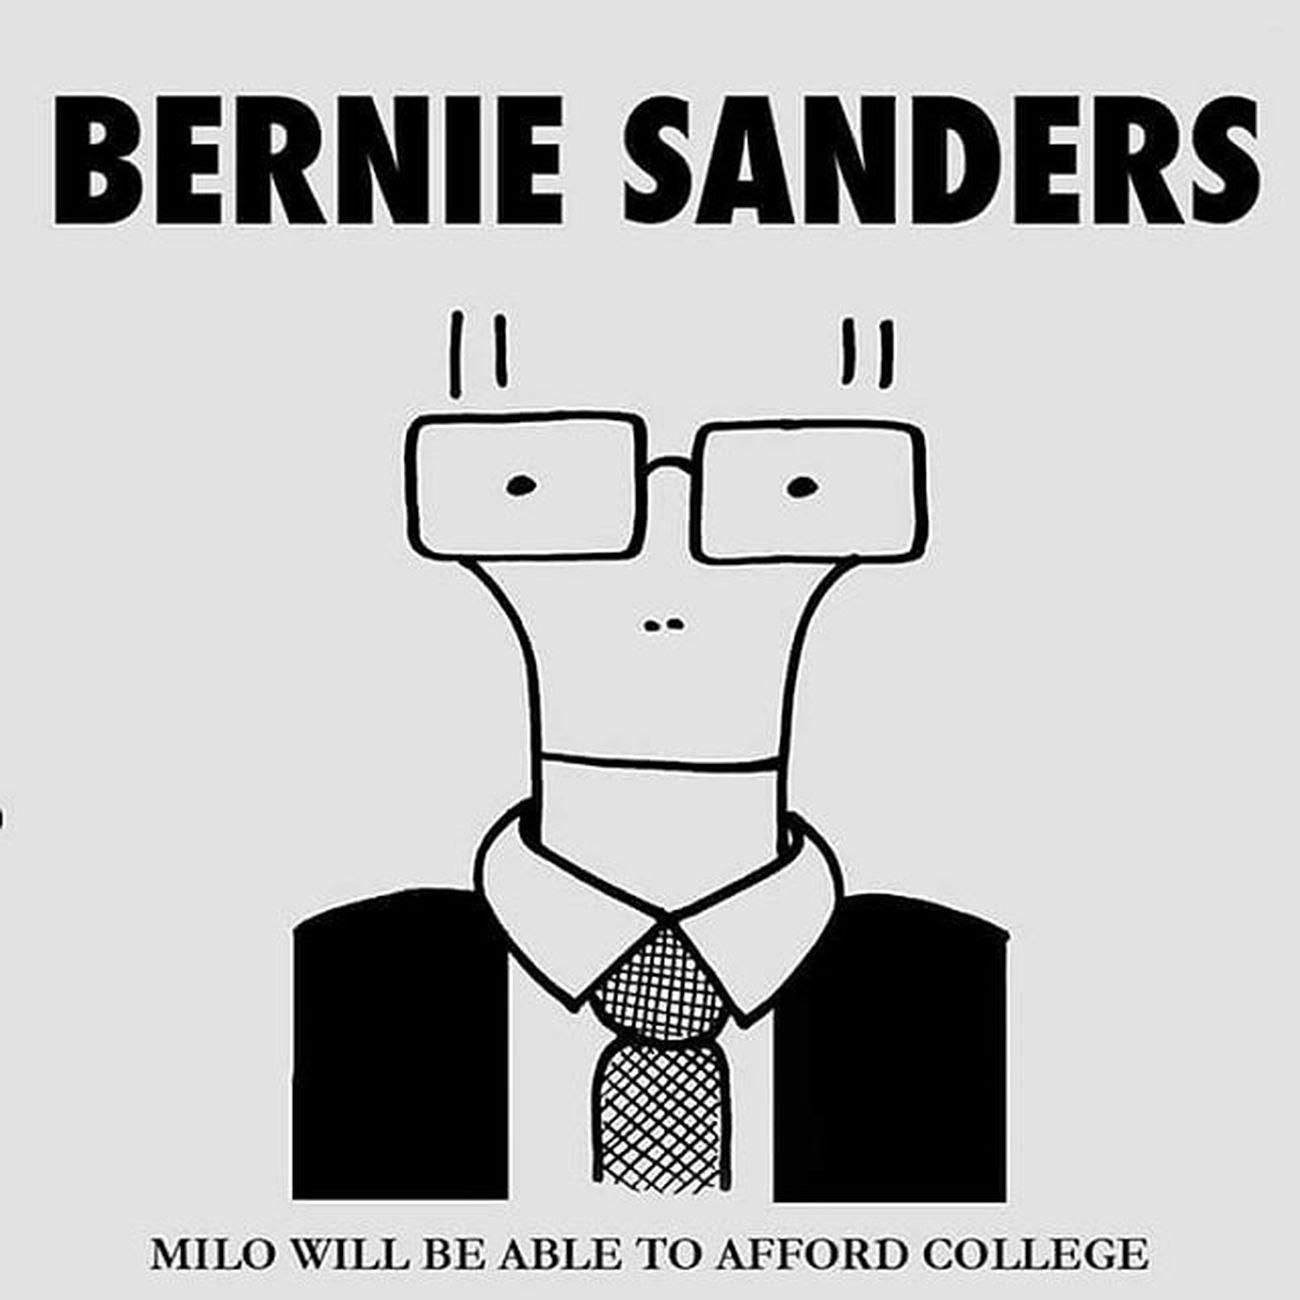 BernieSanders Descendents MiloGoesToCollege